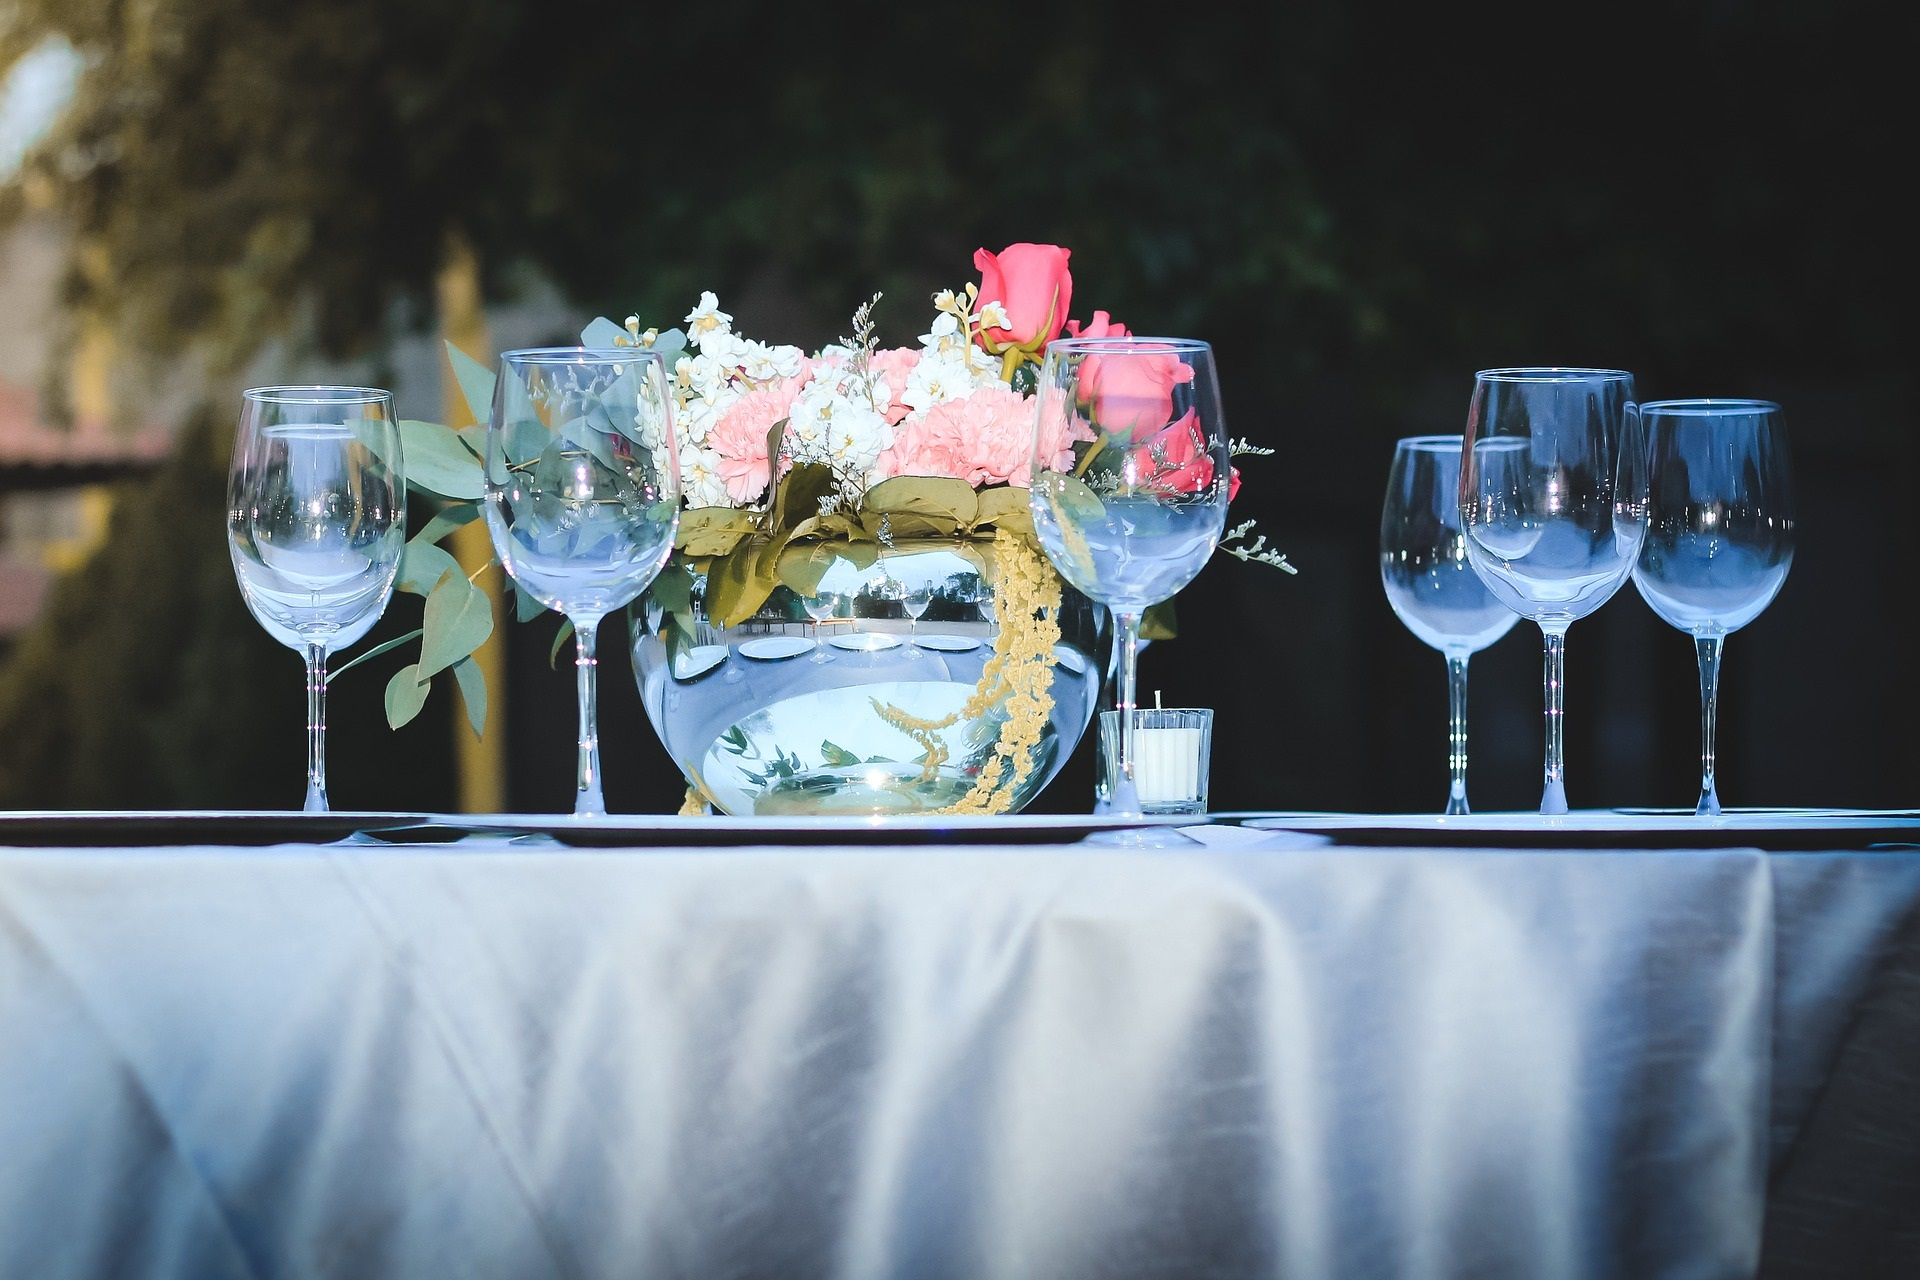 Typische Hochzeitstafel - Hochzeitstrends 2019